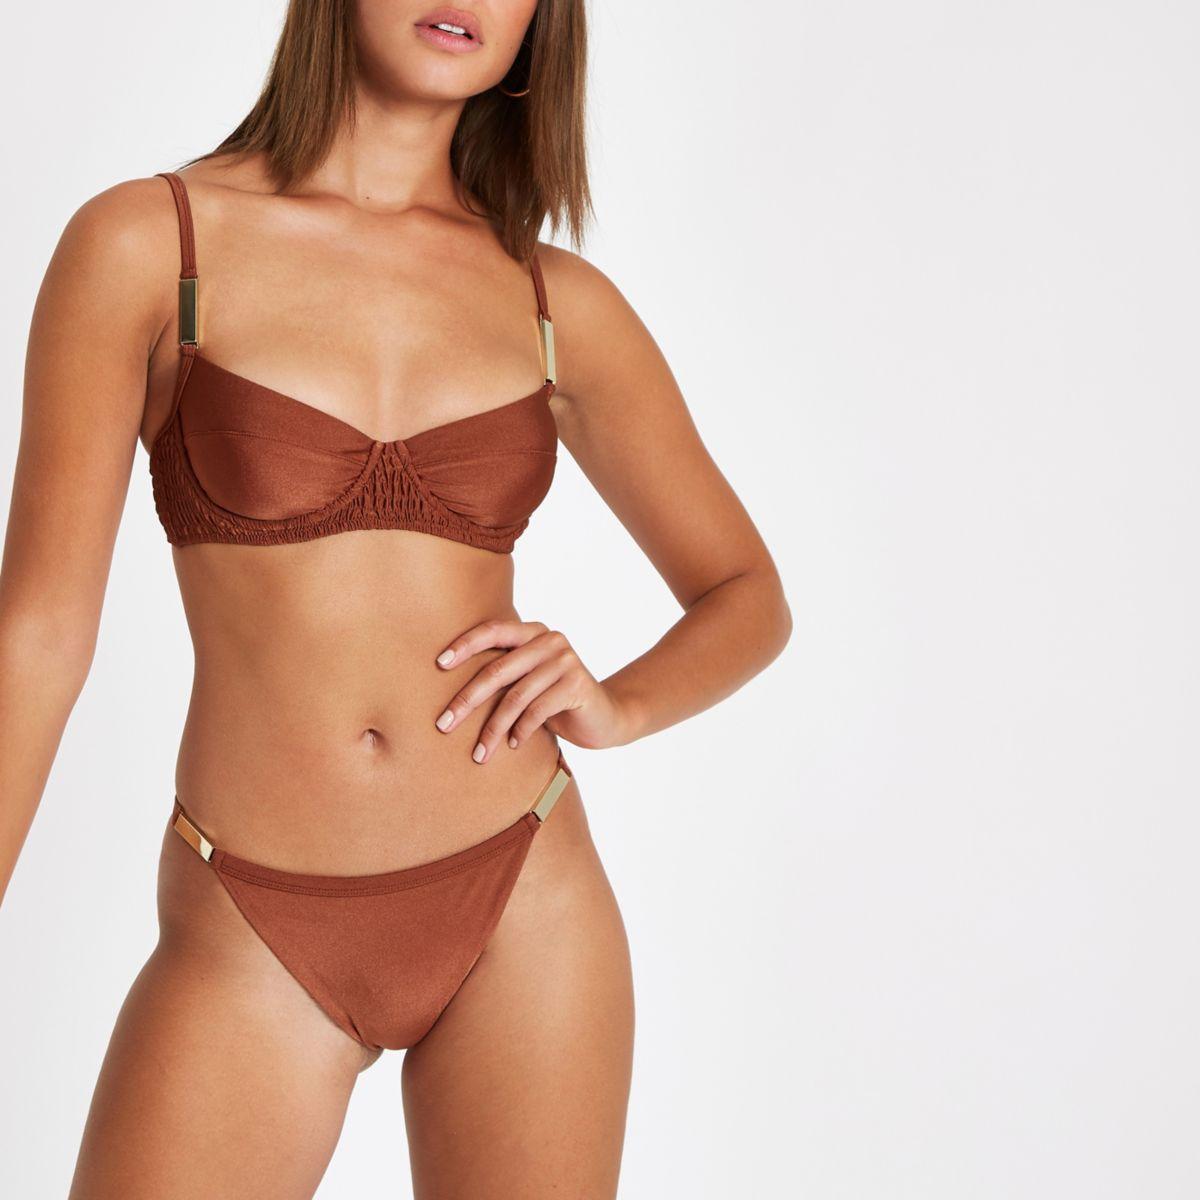 Brown high leg bikini bottoms